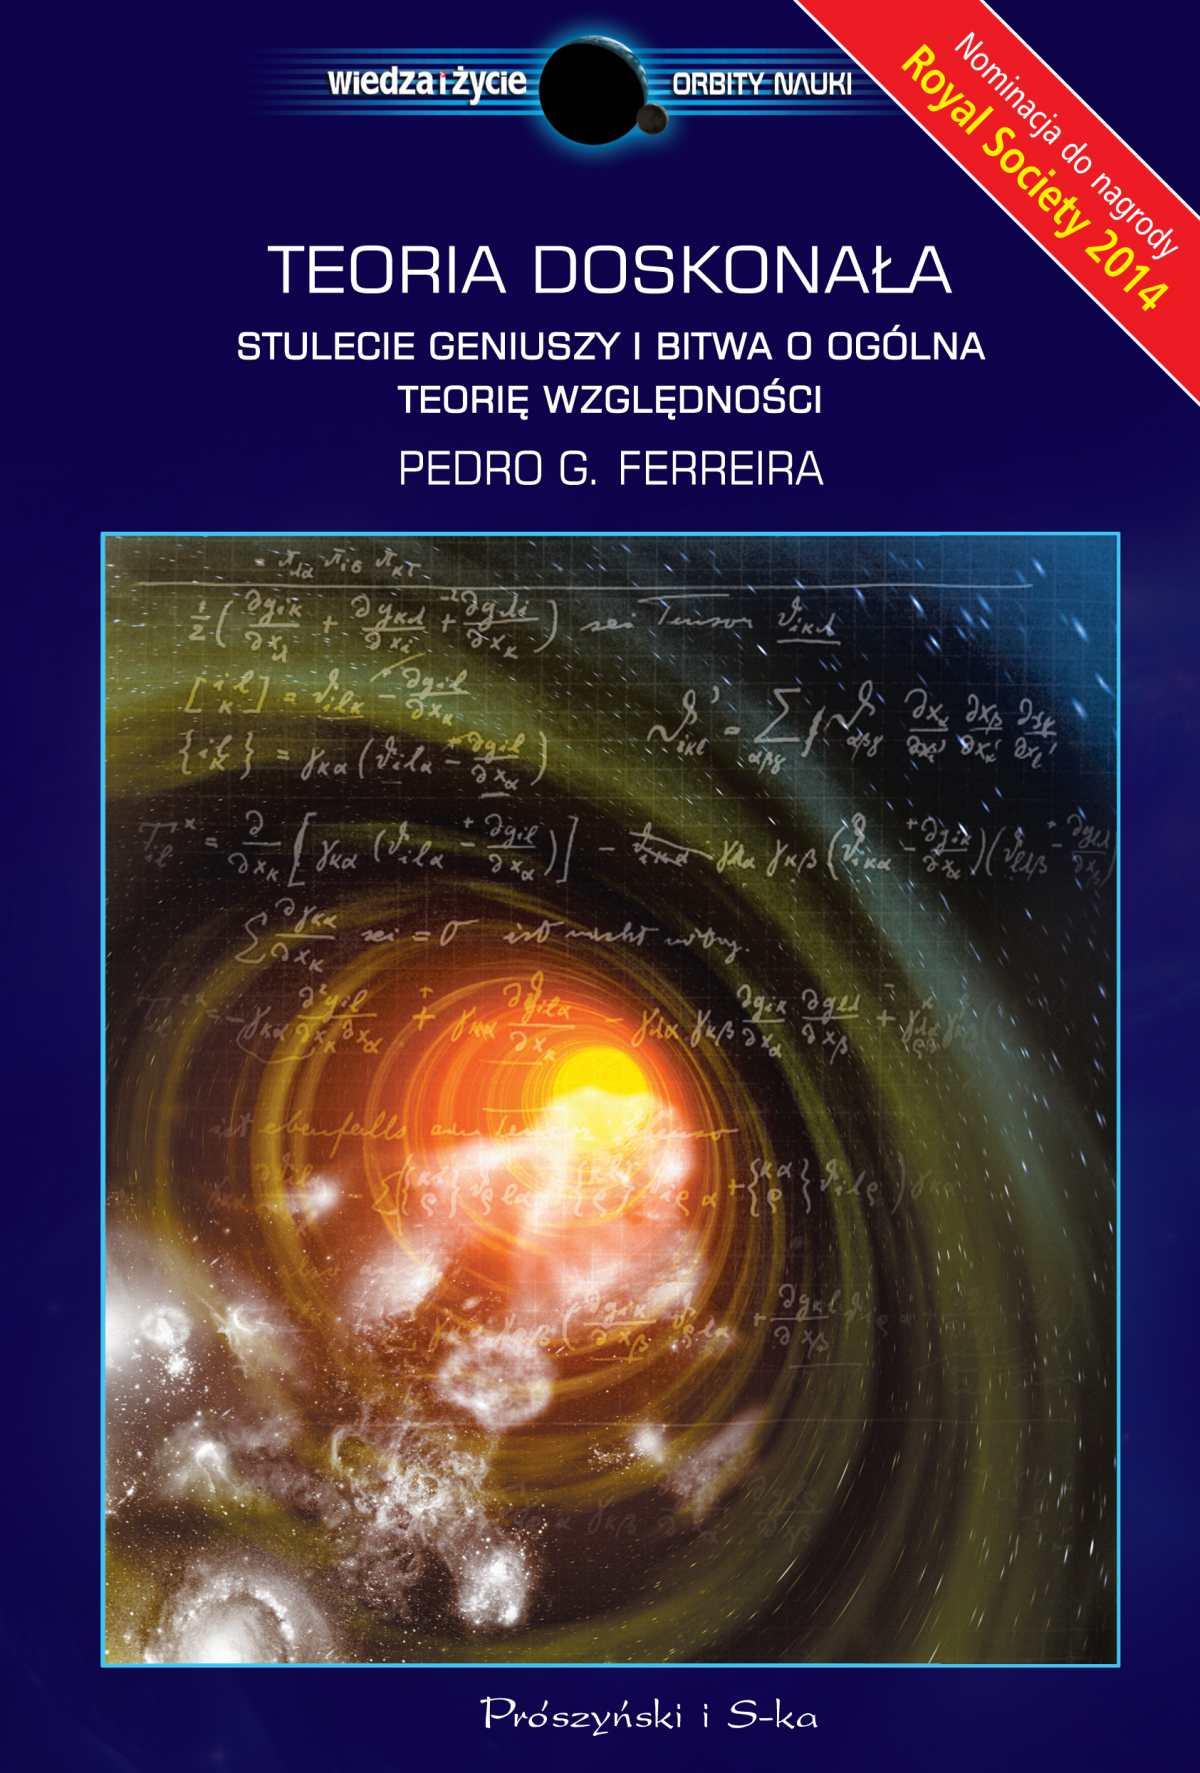 Teoria doskonała. Stulecie geniuszy i bitwa o ogólną teorię względności - Ebook (Książka EPUB) do pobrania w formacie EPUB